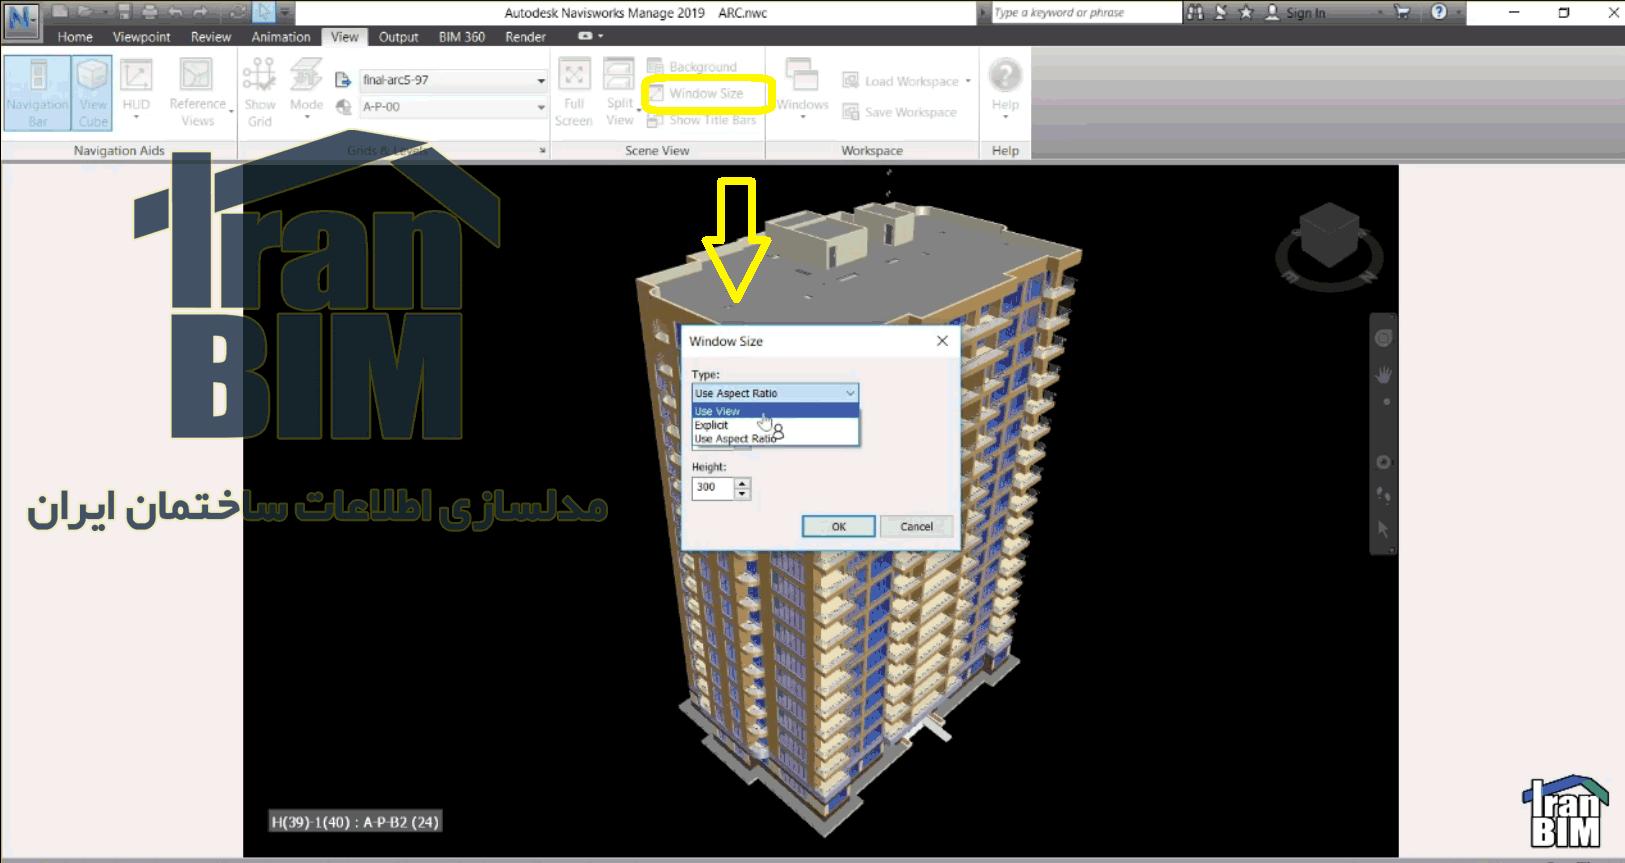 آموزش نکته ای نرم افزار NavisWorks – نحوه نمایش و تقسیم صفحه نمایش به چند بخش